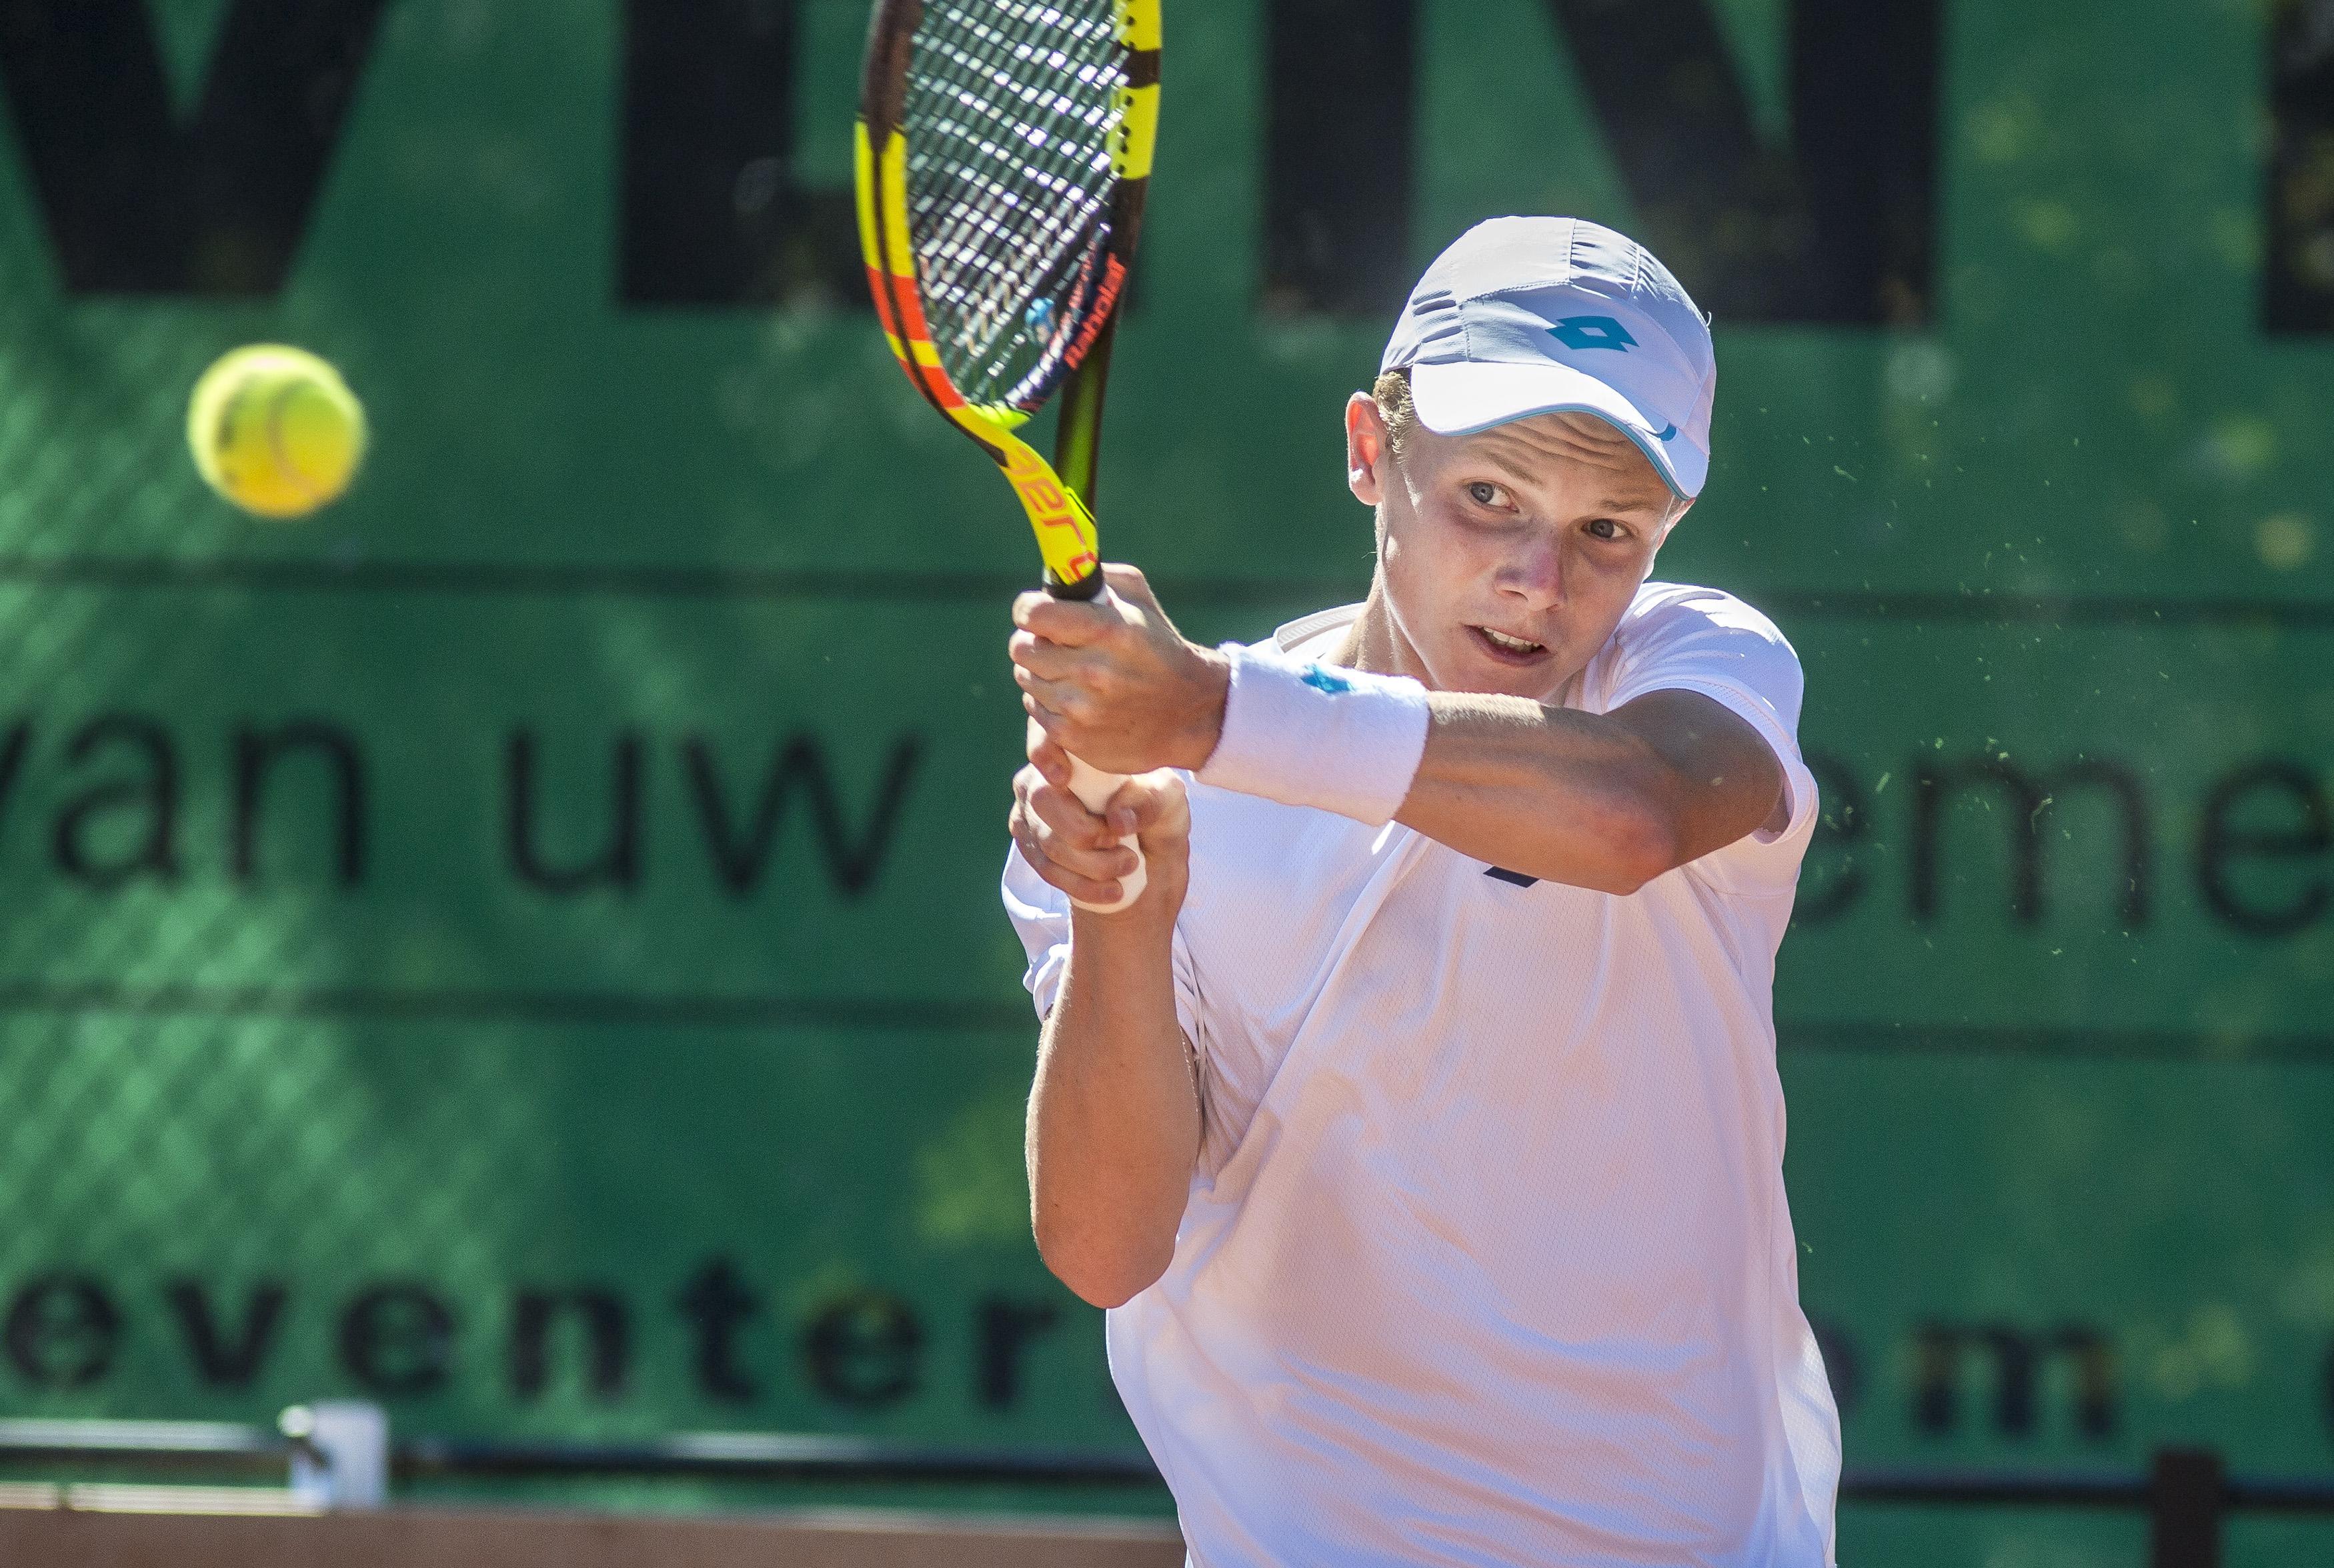 Hoofddorpse tennisser Jesper de Jong: stevig balen en weer verder